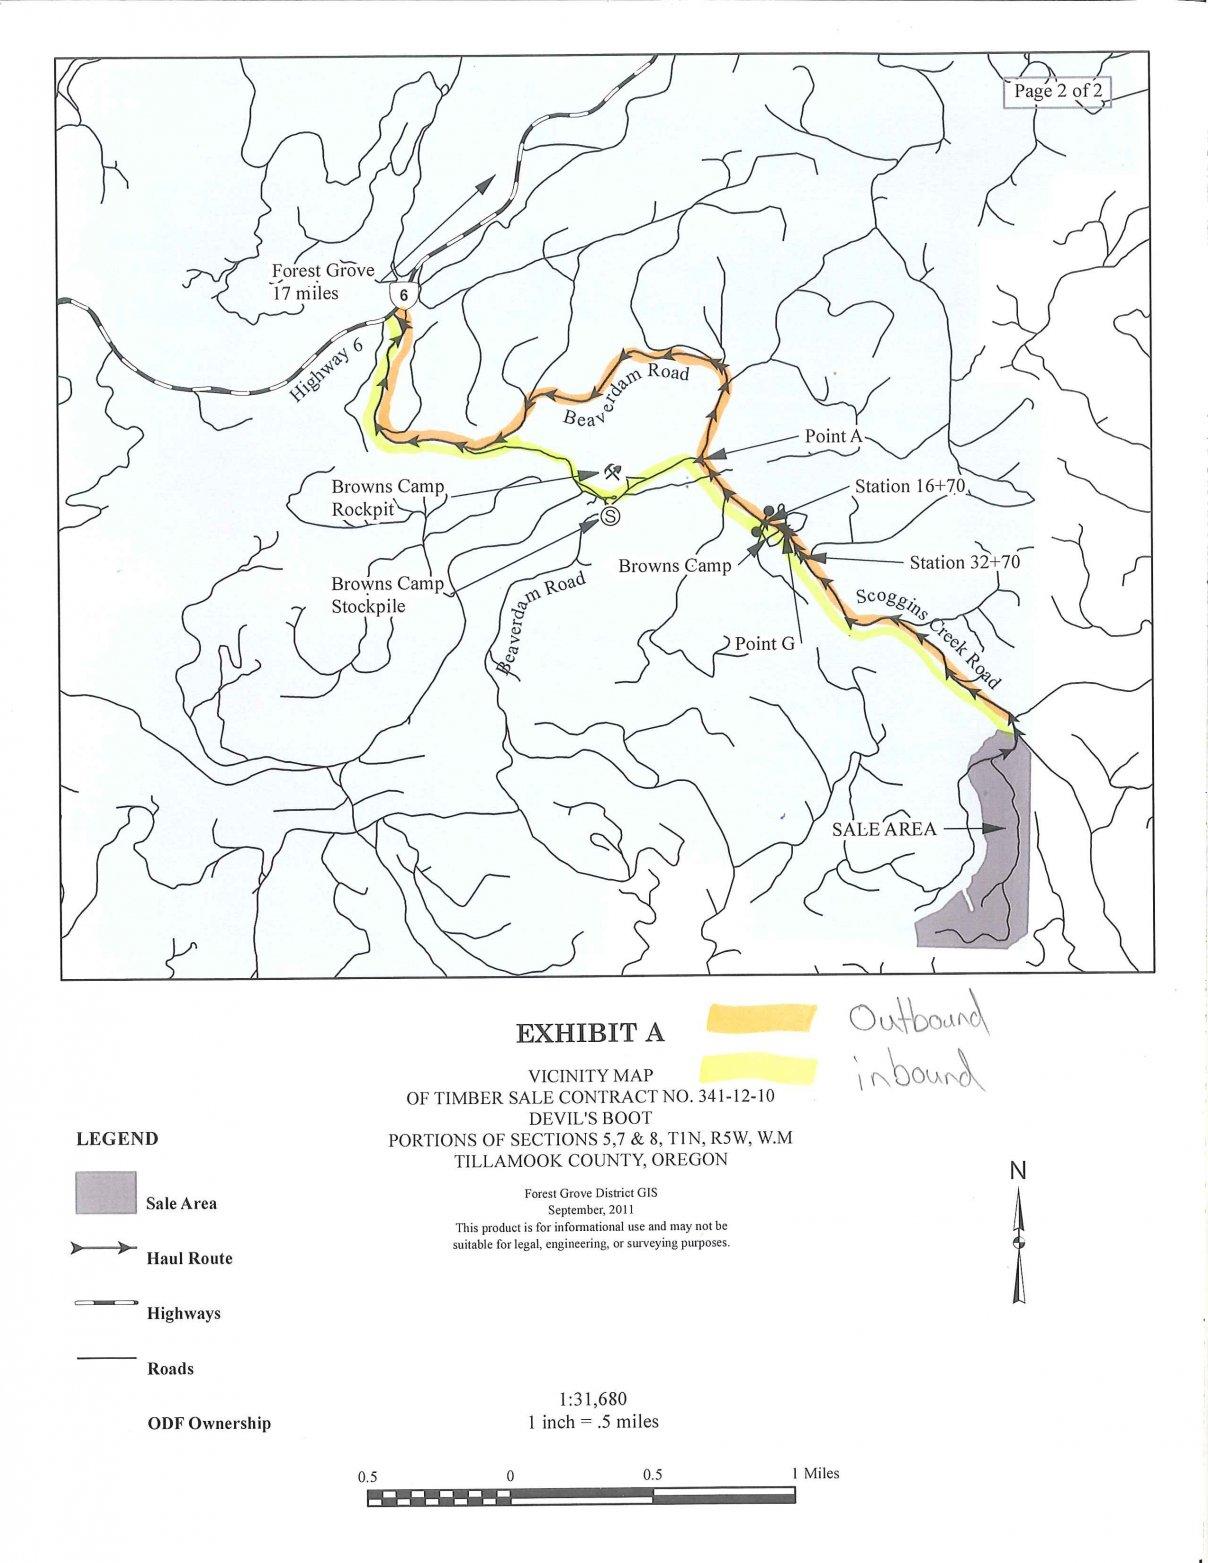 08272012_beaverdamtrafficpatternmap.jpg